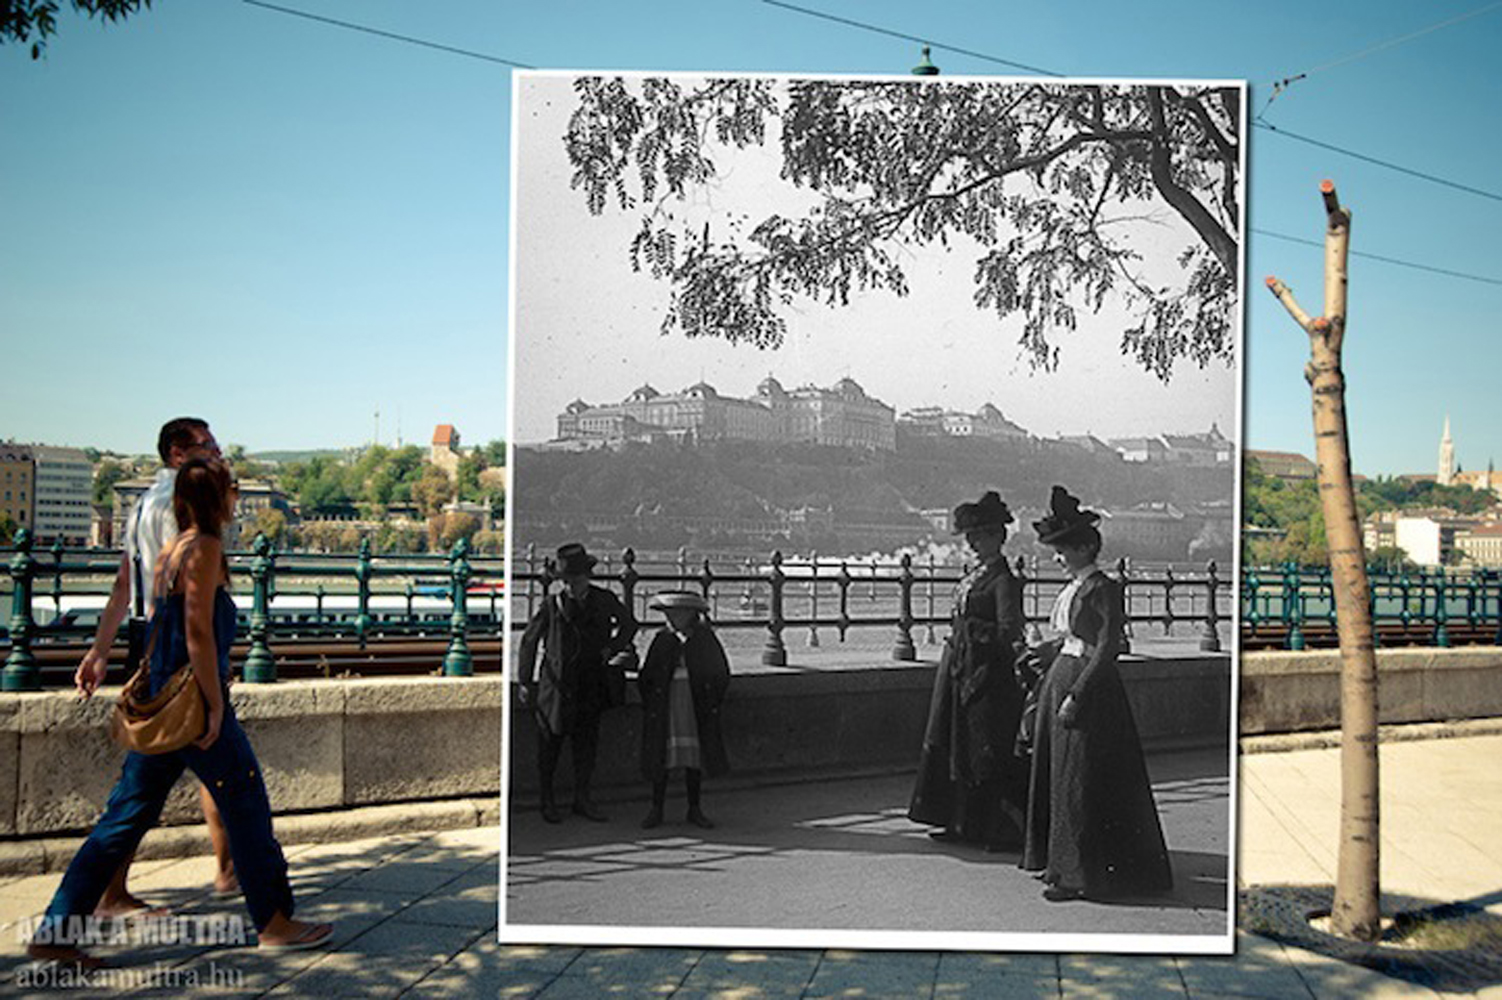 сравнение фотографий и век спустя это брутальность